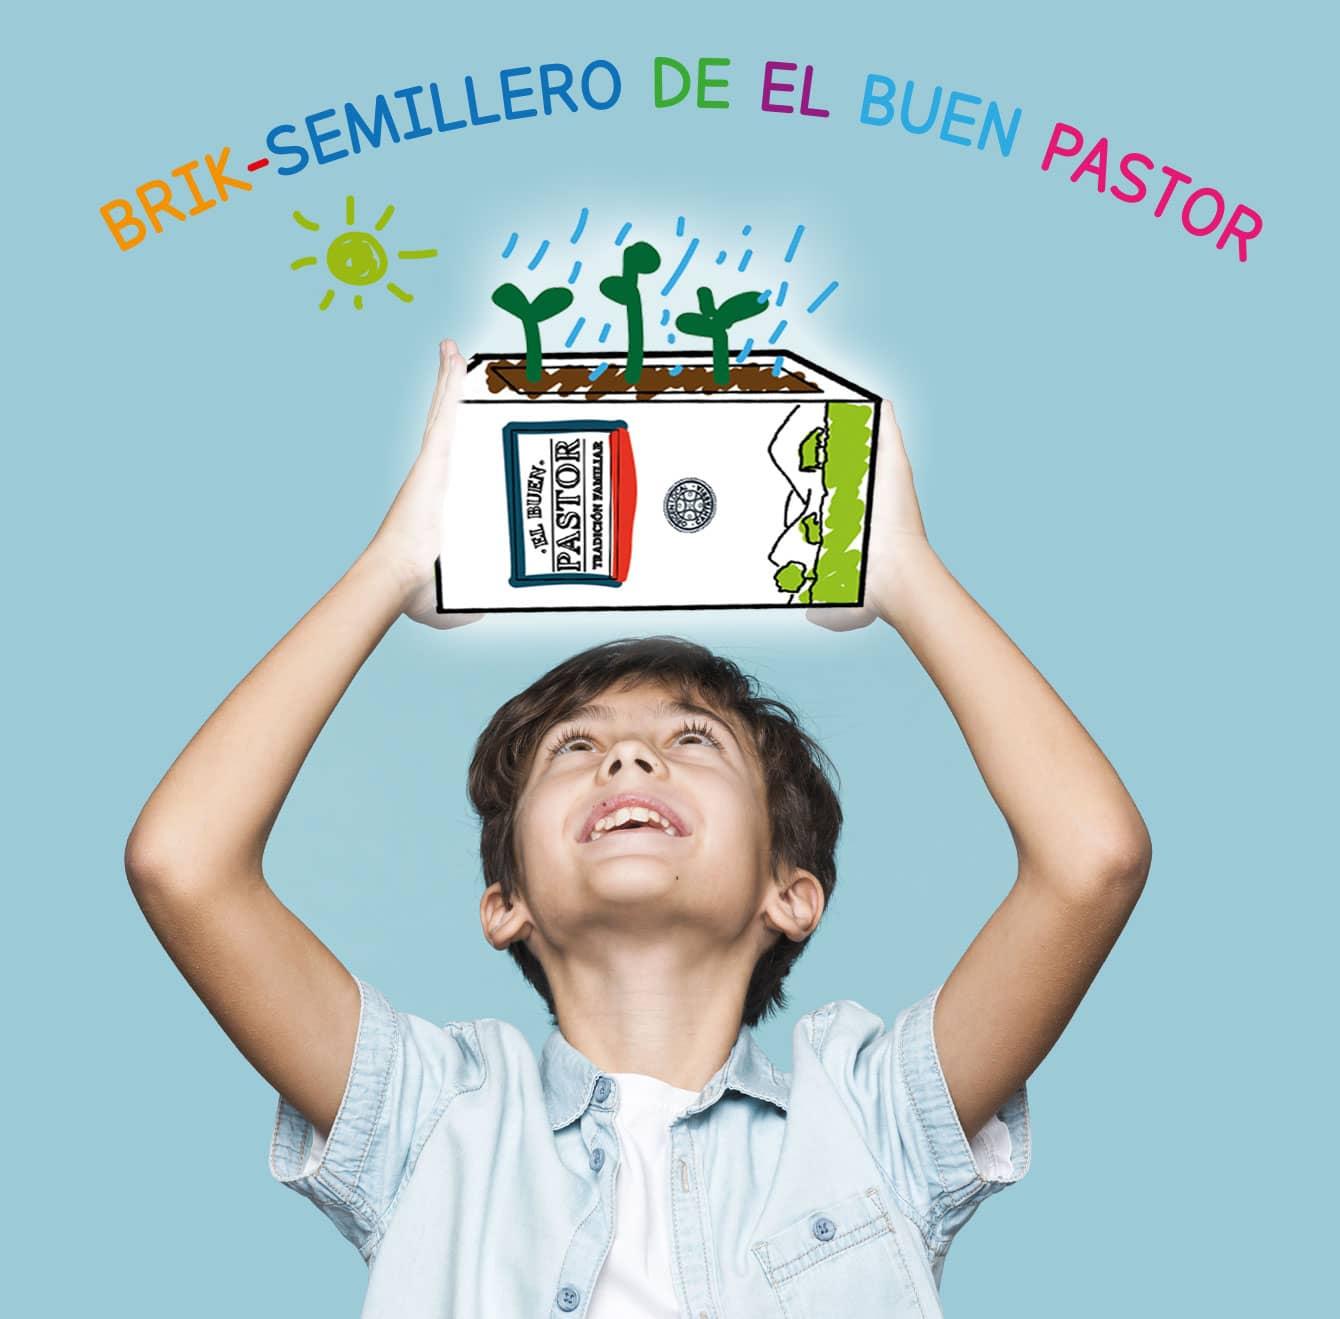 Brik Semillero El Buen Pastor